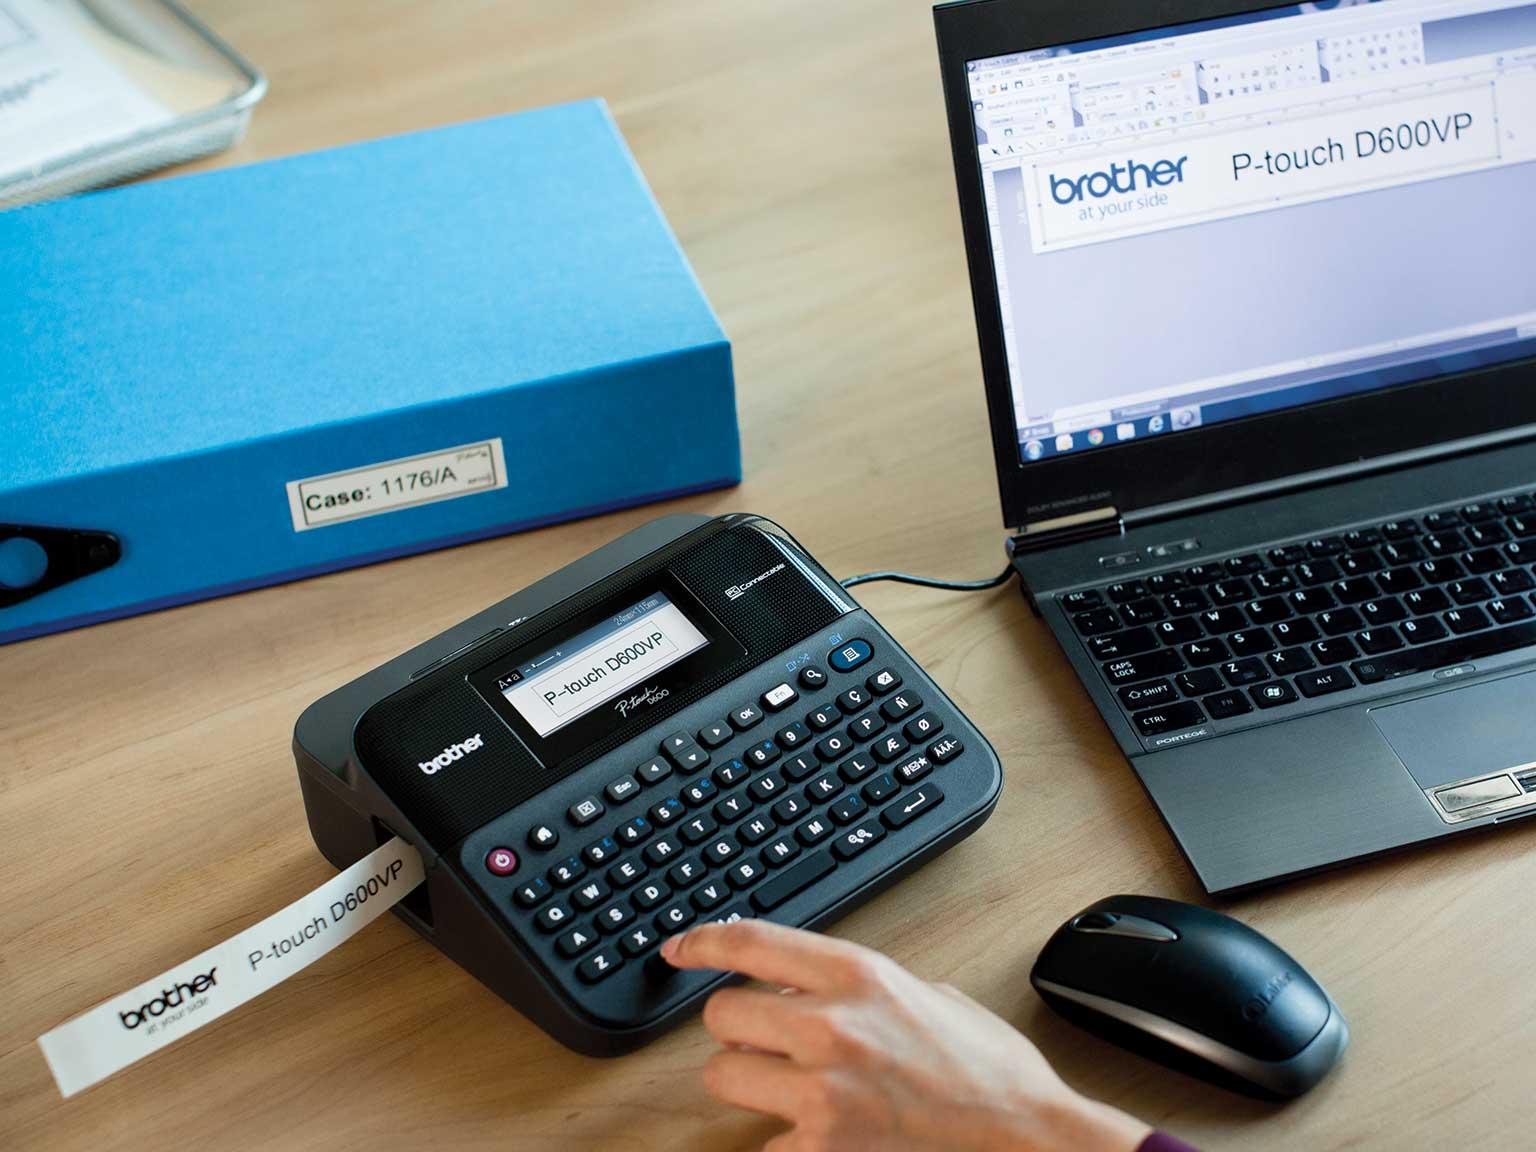 Издръжлив етикетен принтер P-touch на офис бюро, свързан към компютър